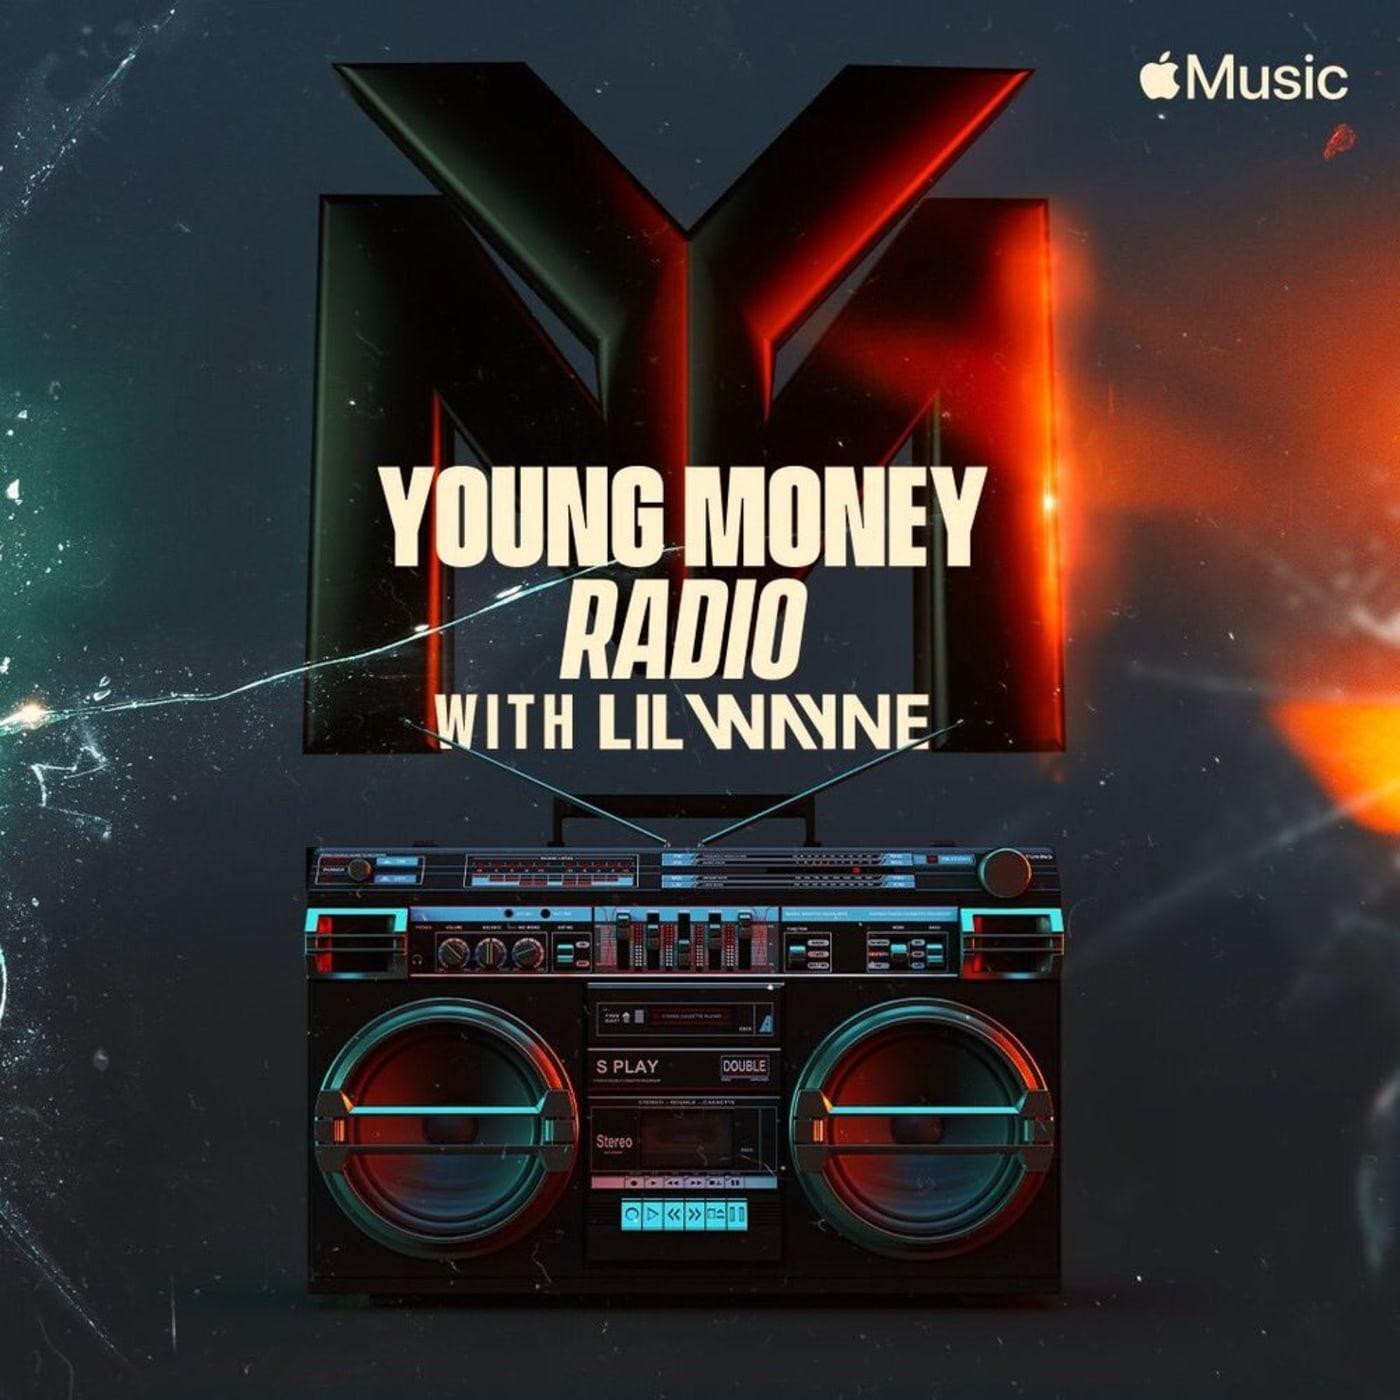 Young Money Radio